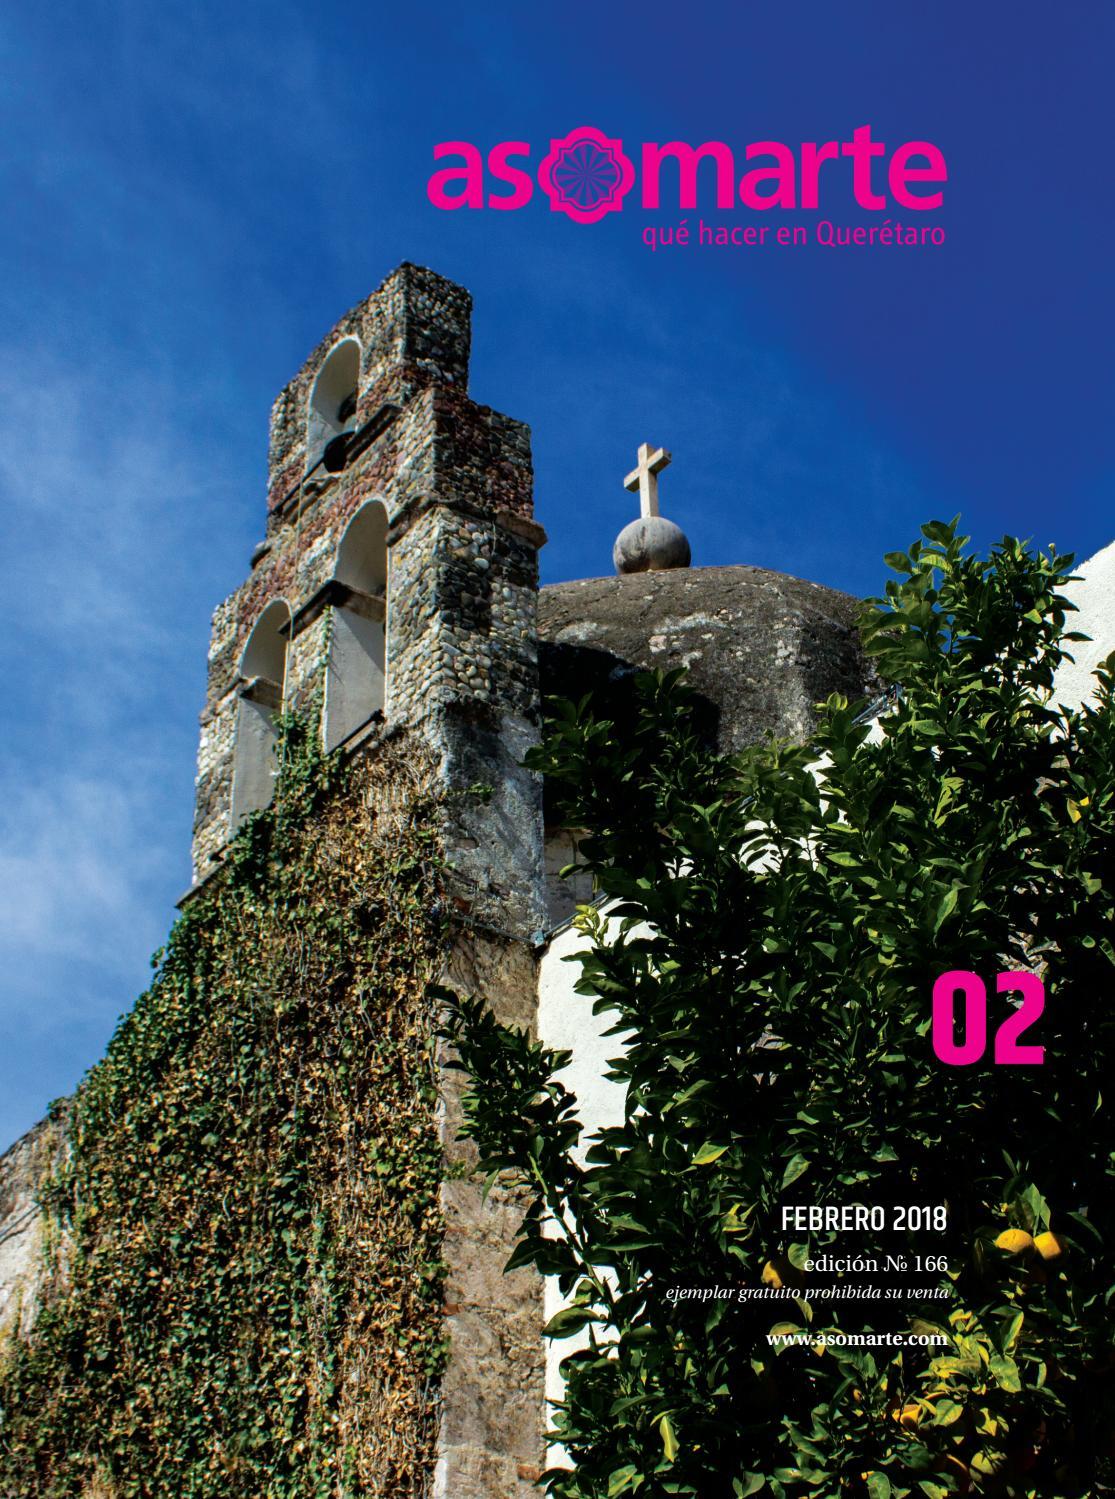 Asomarte febrero digital by asomarte revista - issuu a26259599ff